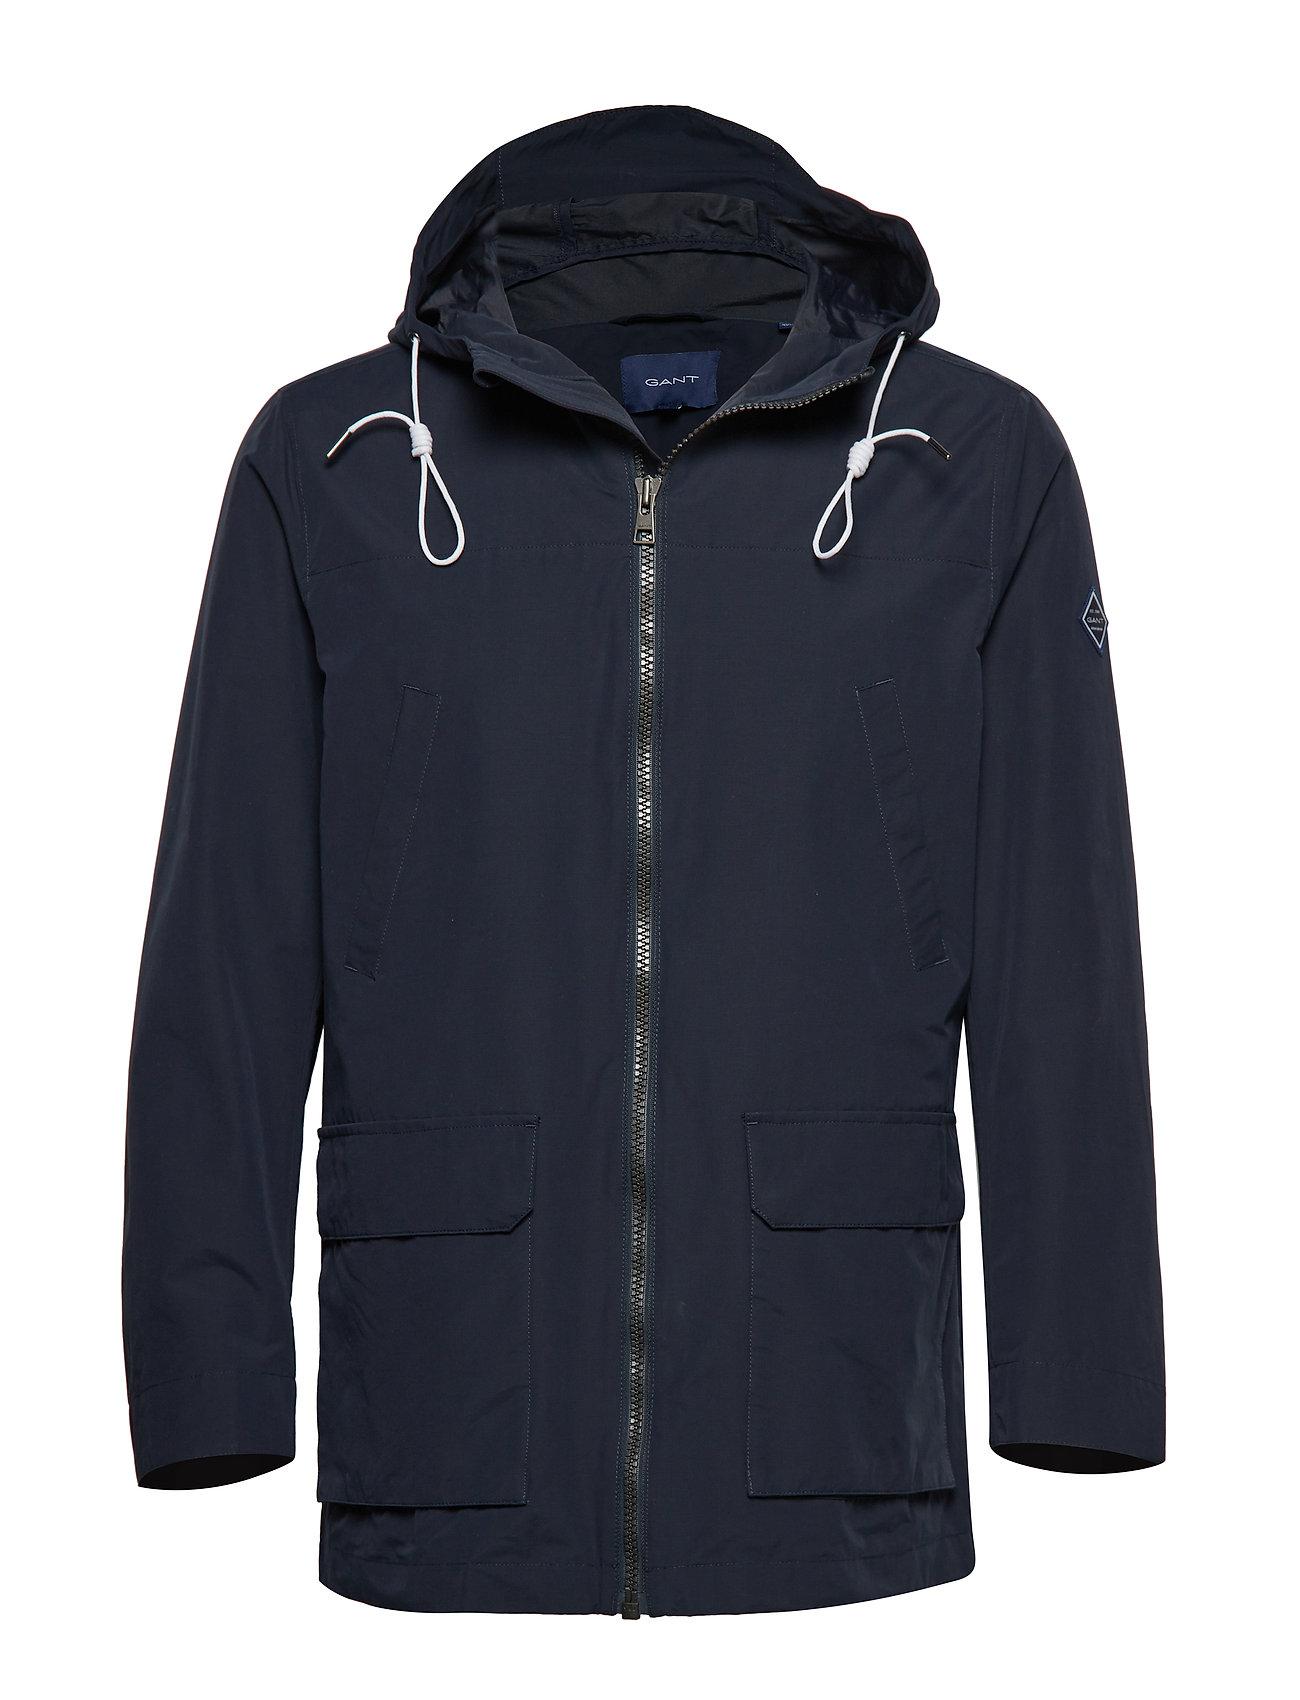 GANT O1. The Hooded Wave Jacket Parka Jacke Blau GANT